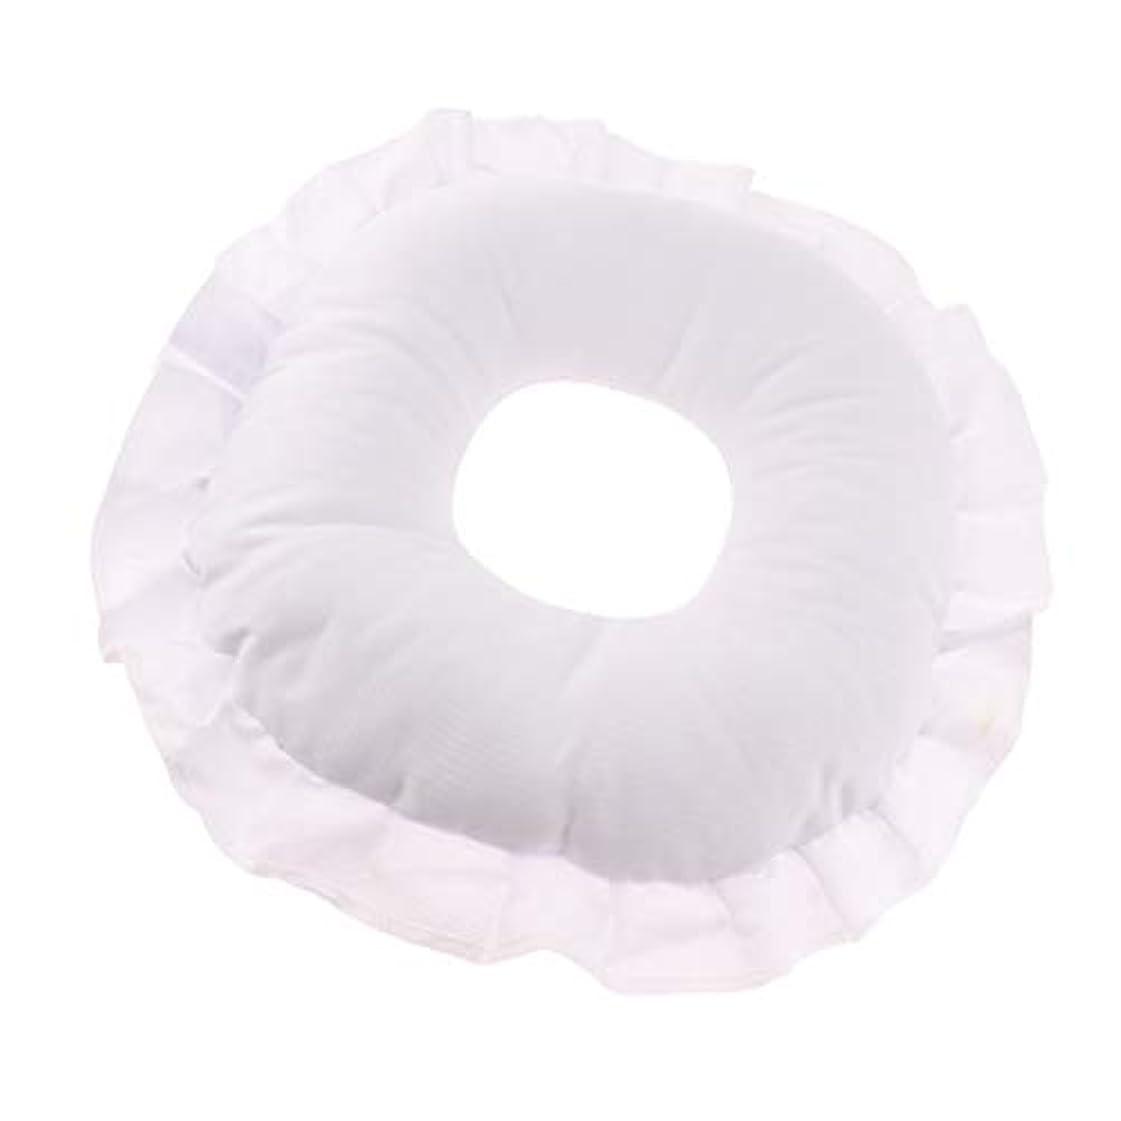 不明瞭ショッピングセンター補うフェイスピロー 顔枕 マッサージ枕 フェイスクッション ソフト 洗えるカバー 全3色 - 白